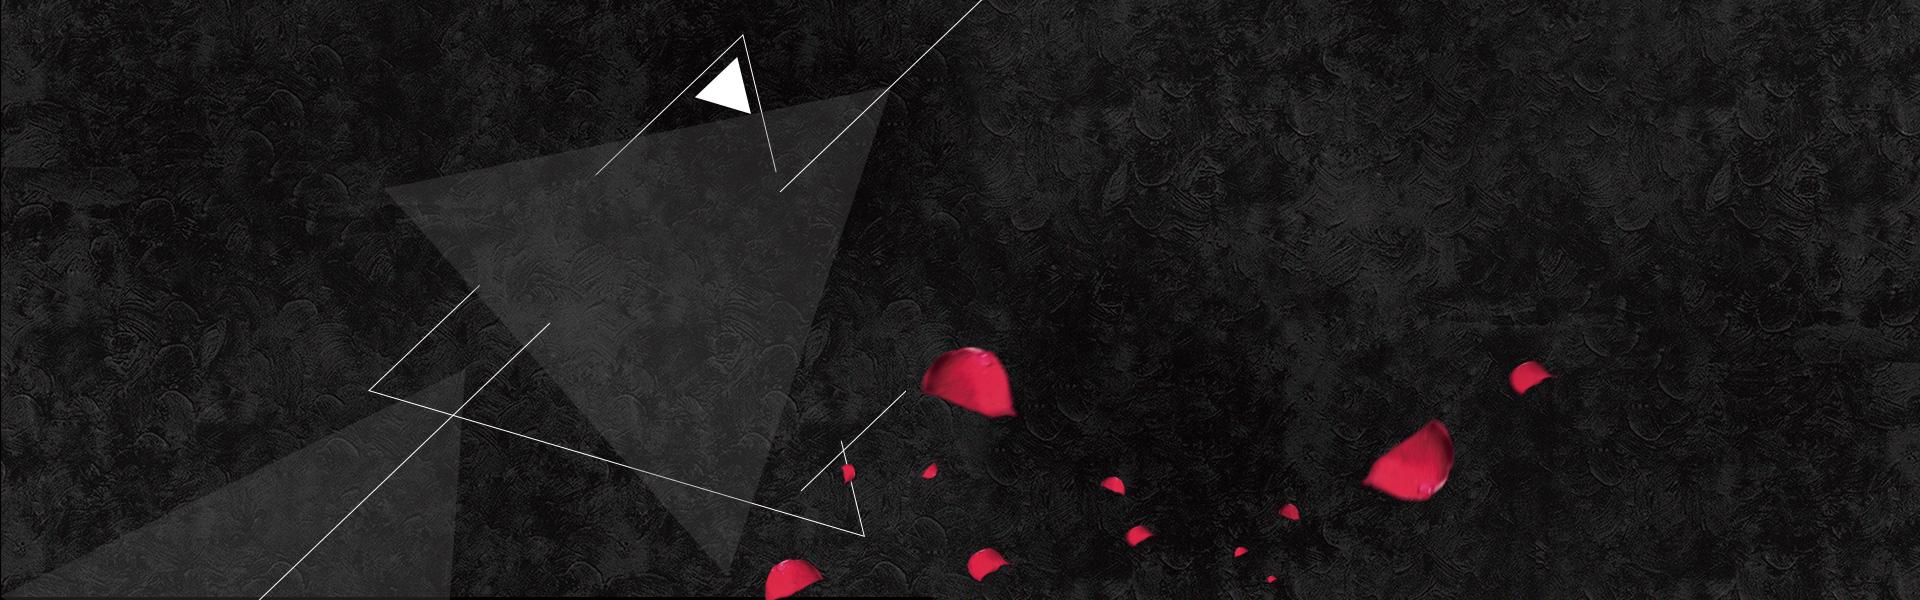 黑色玫瑰花瓣banner